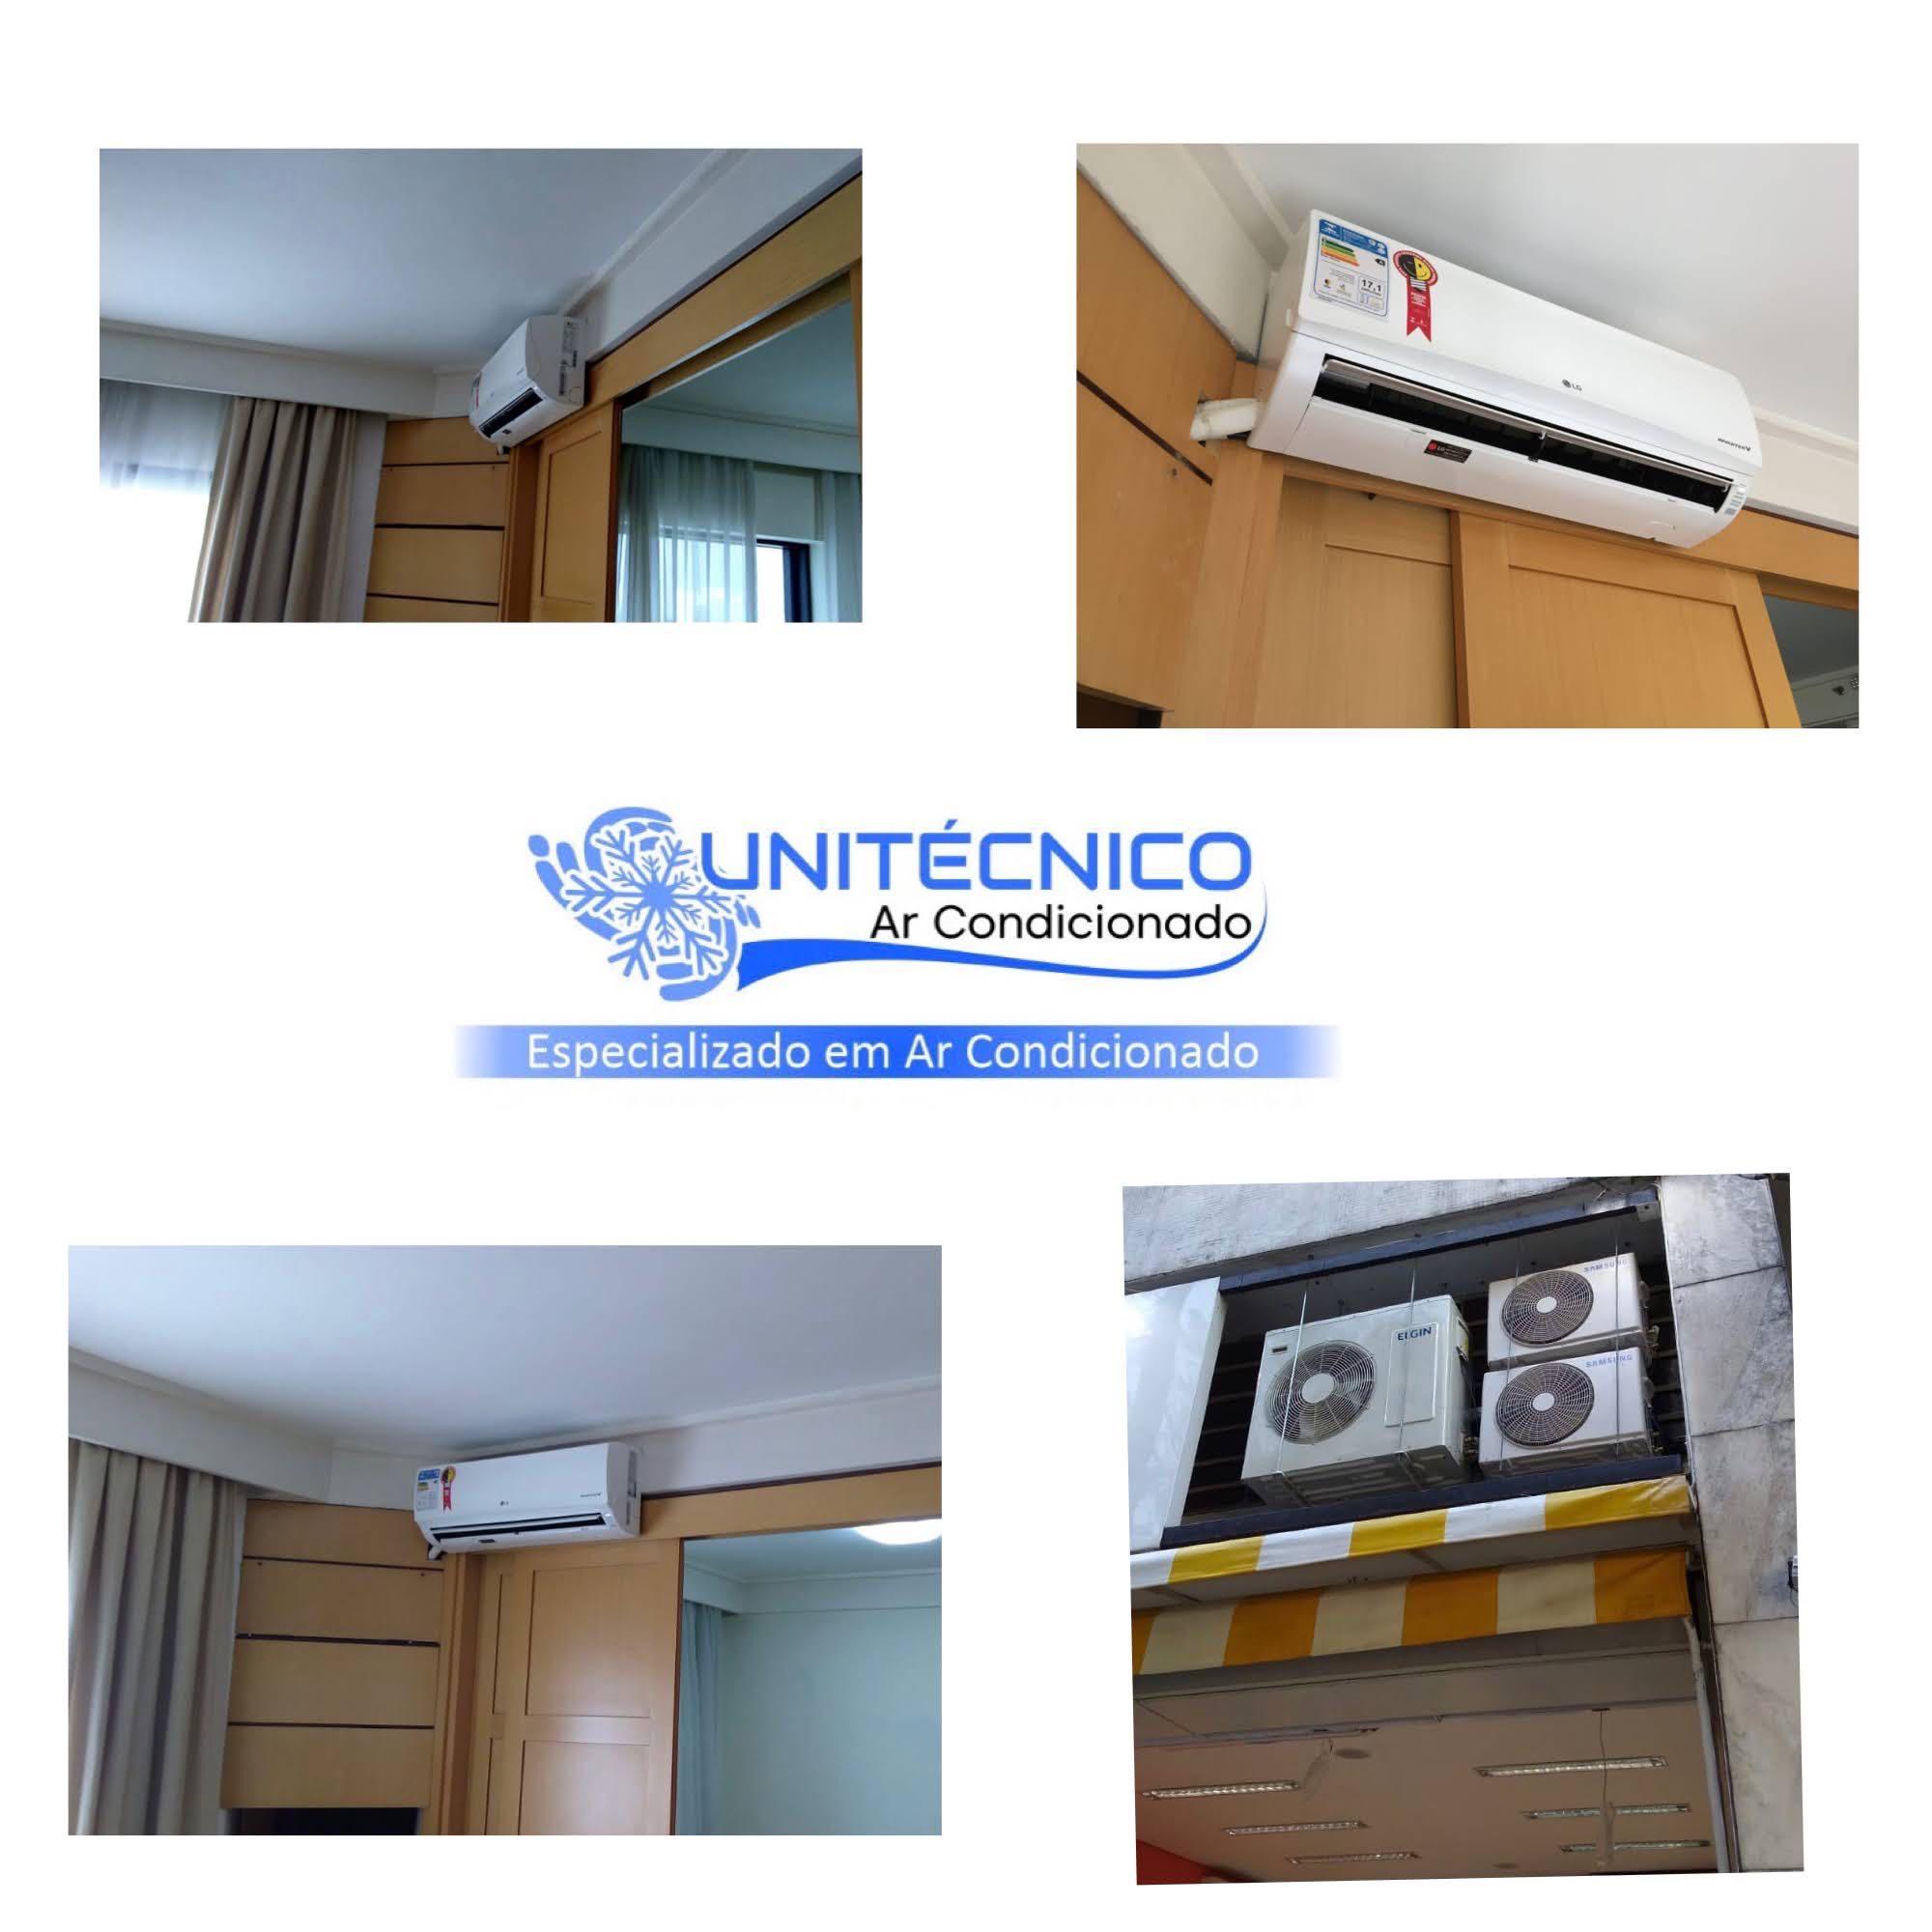 Instalação de Ar Condicionado e com a Unitécnico Ar